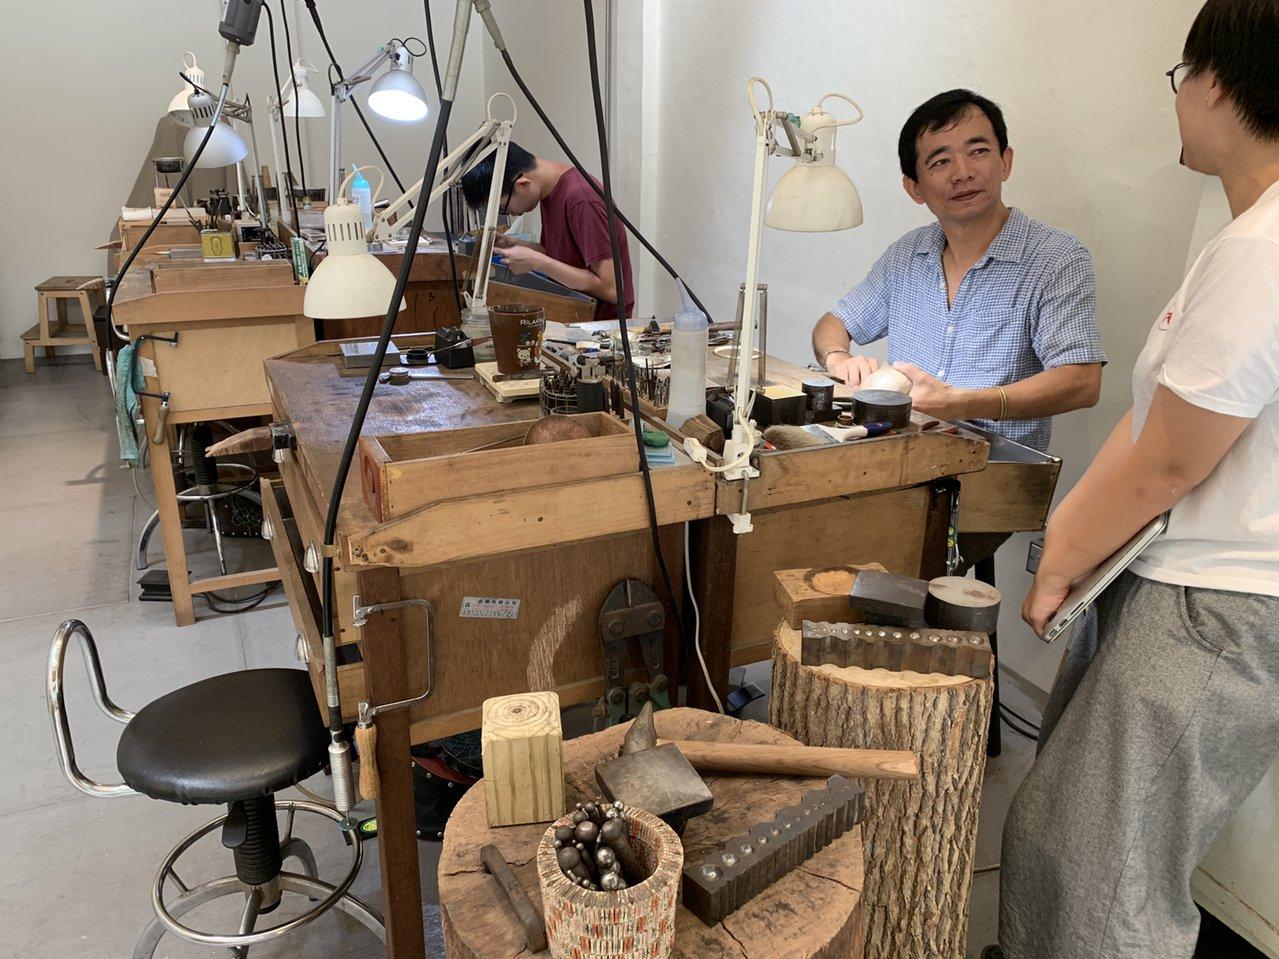 「合習聚落」裡的「青草職能學院」,請來金工師、木雕師、咖啡師等幫高關懷國中生上課...